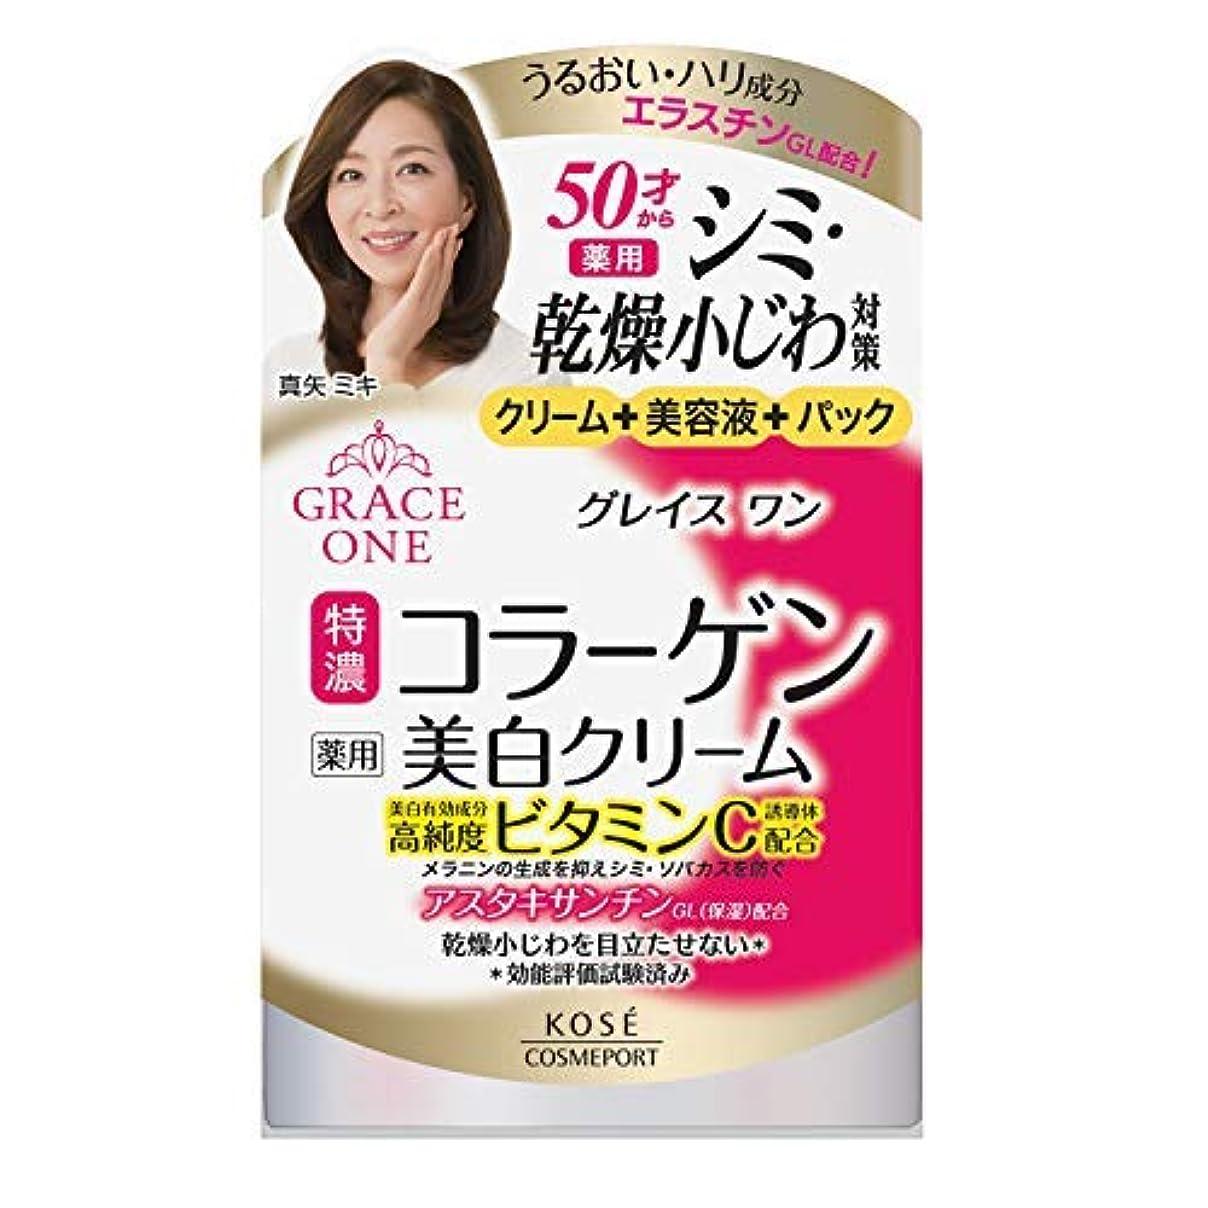 新着主張する適切な(医薬部外品) KOSE コーセー グレイスワン 薬用美白 ホワイトニング クリーム 100g